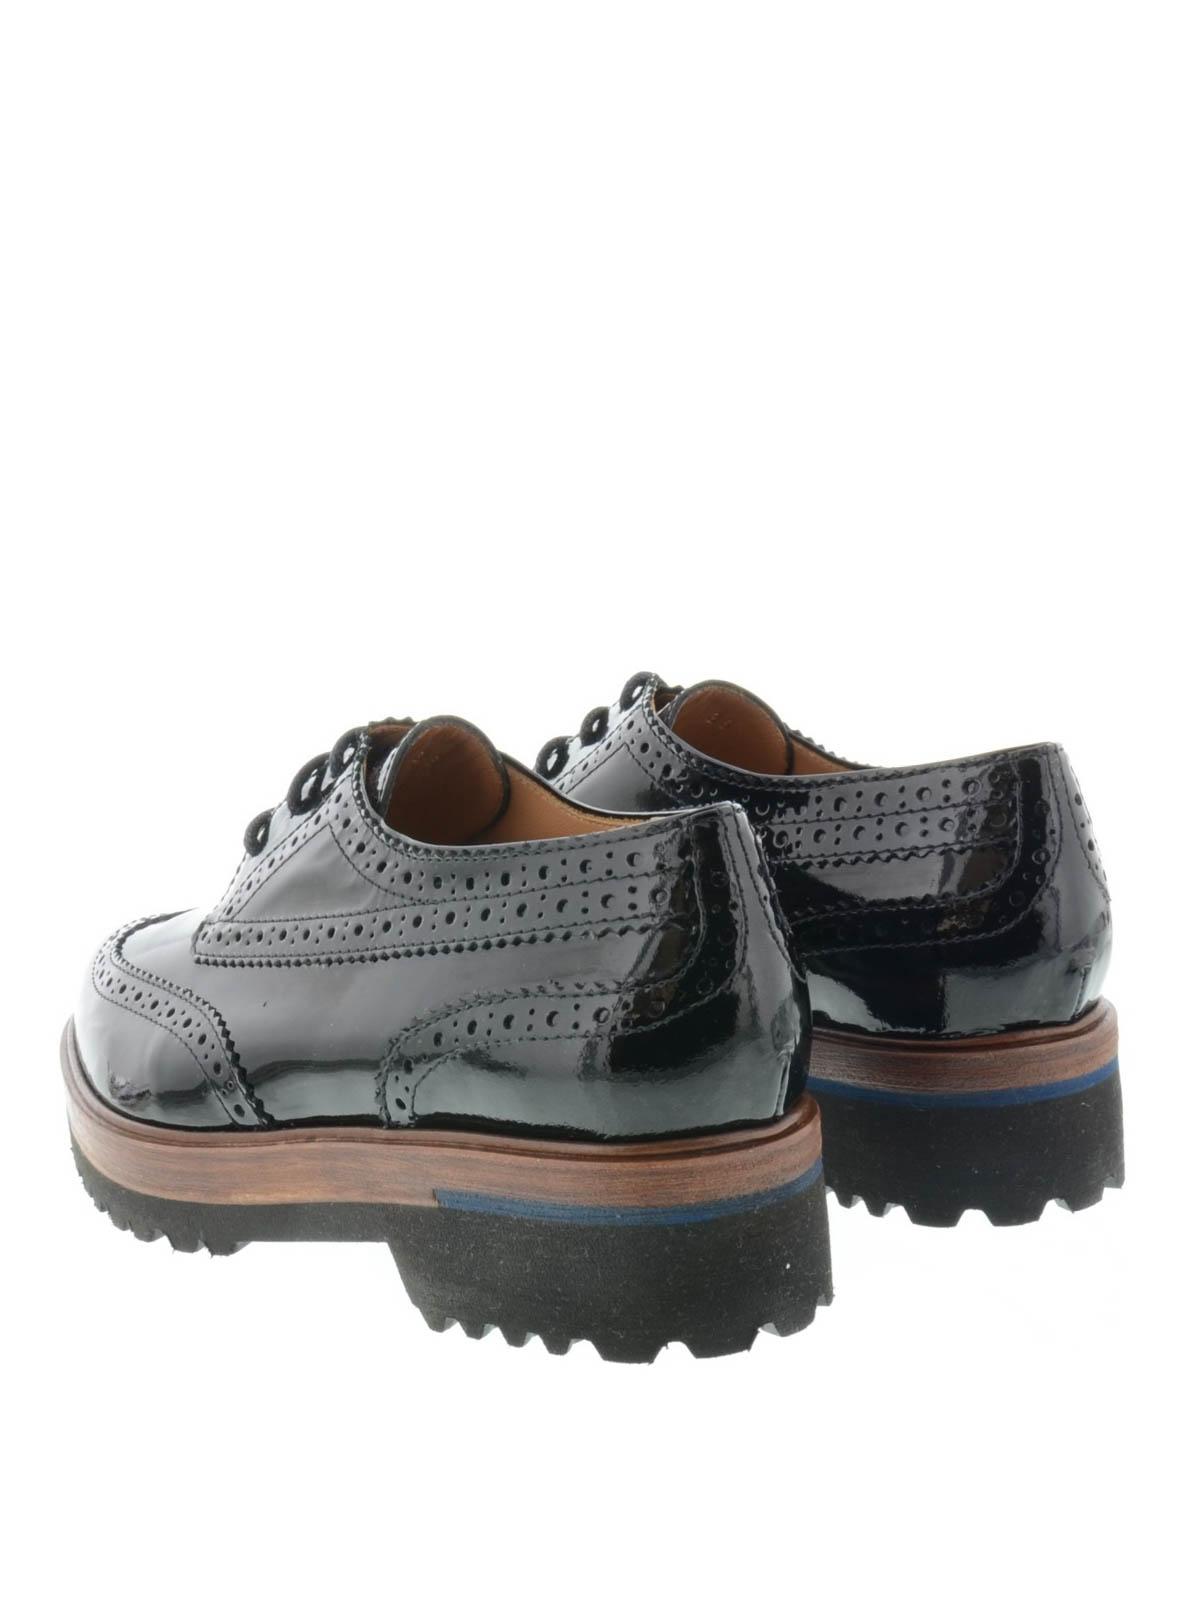 huge discount 492e2 44939 Parlanti - Allacciate in pelle verniciata - scarpe stringate ...